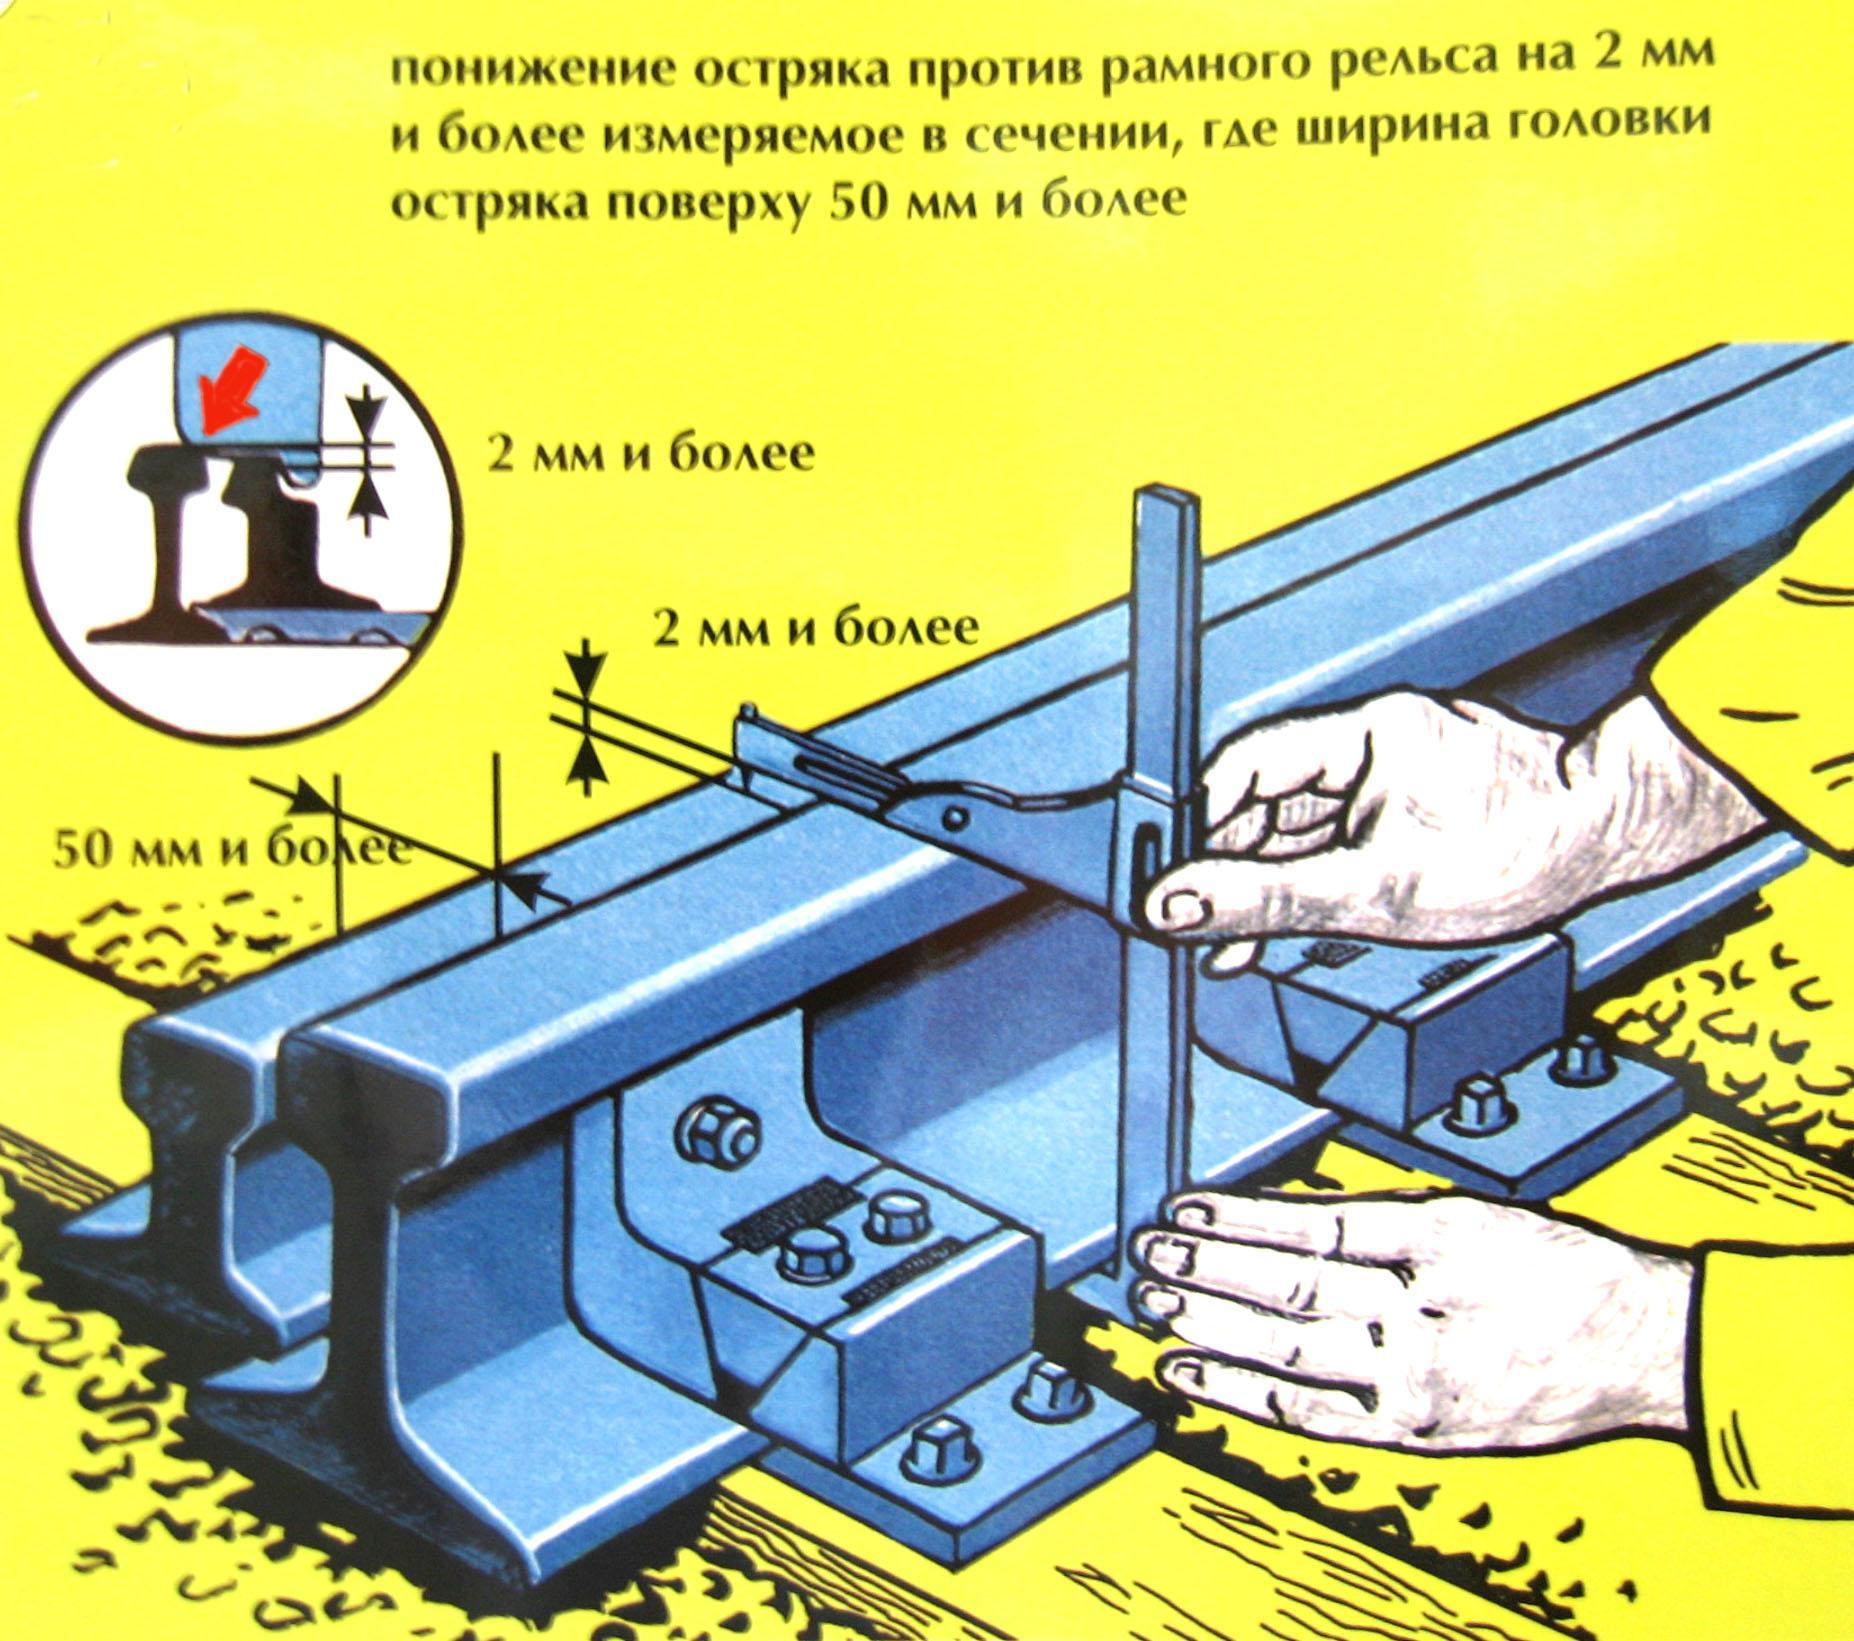 Схема стрелочного перевода с подвижным сердечником